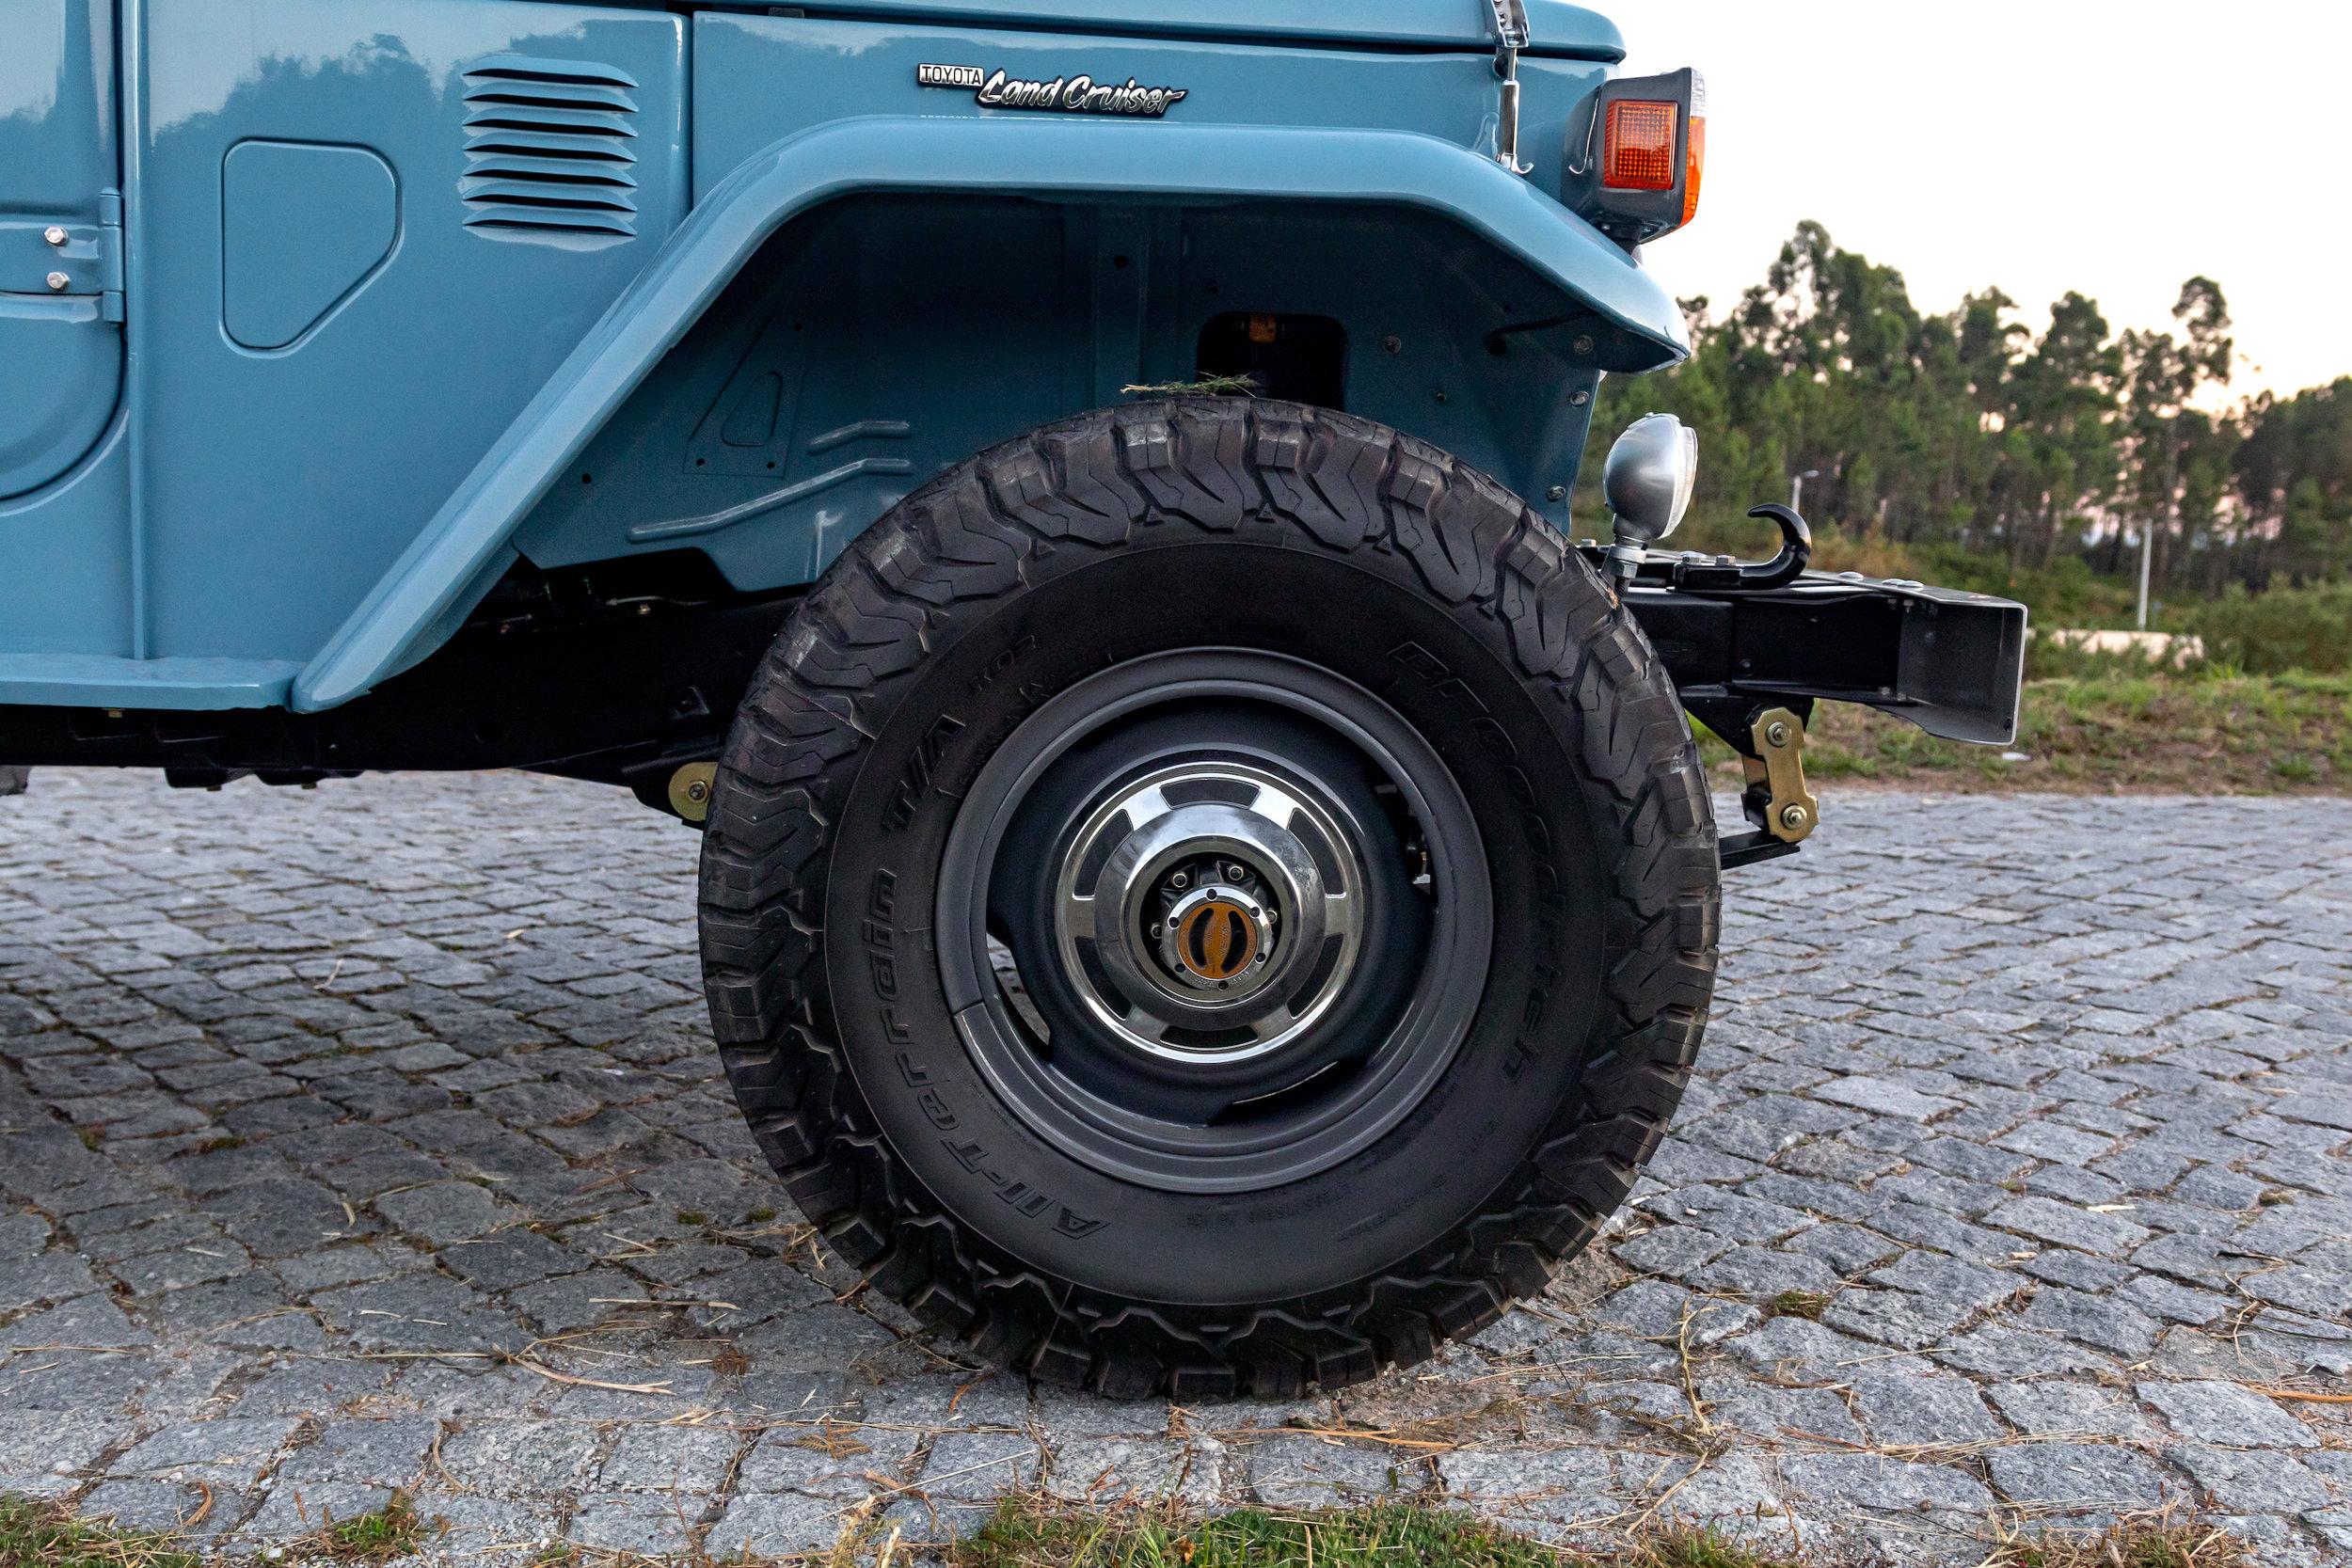 LegacyOverland_Toyota_LandCruiser_FJ40_finished_48.jpg